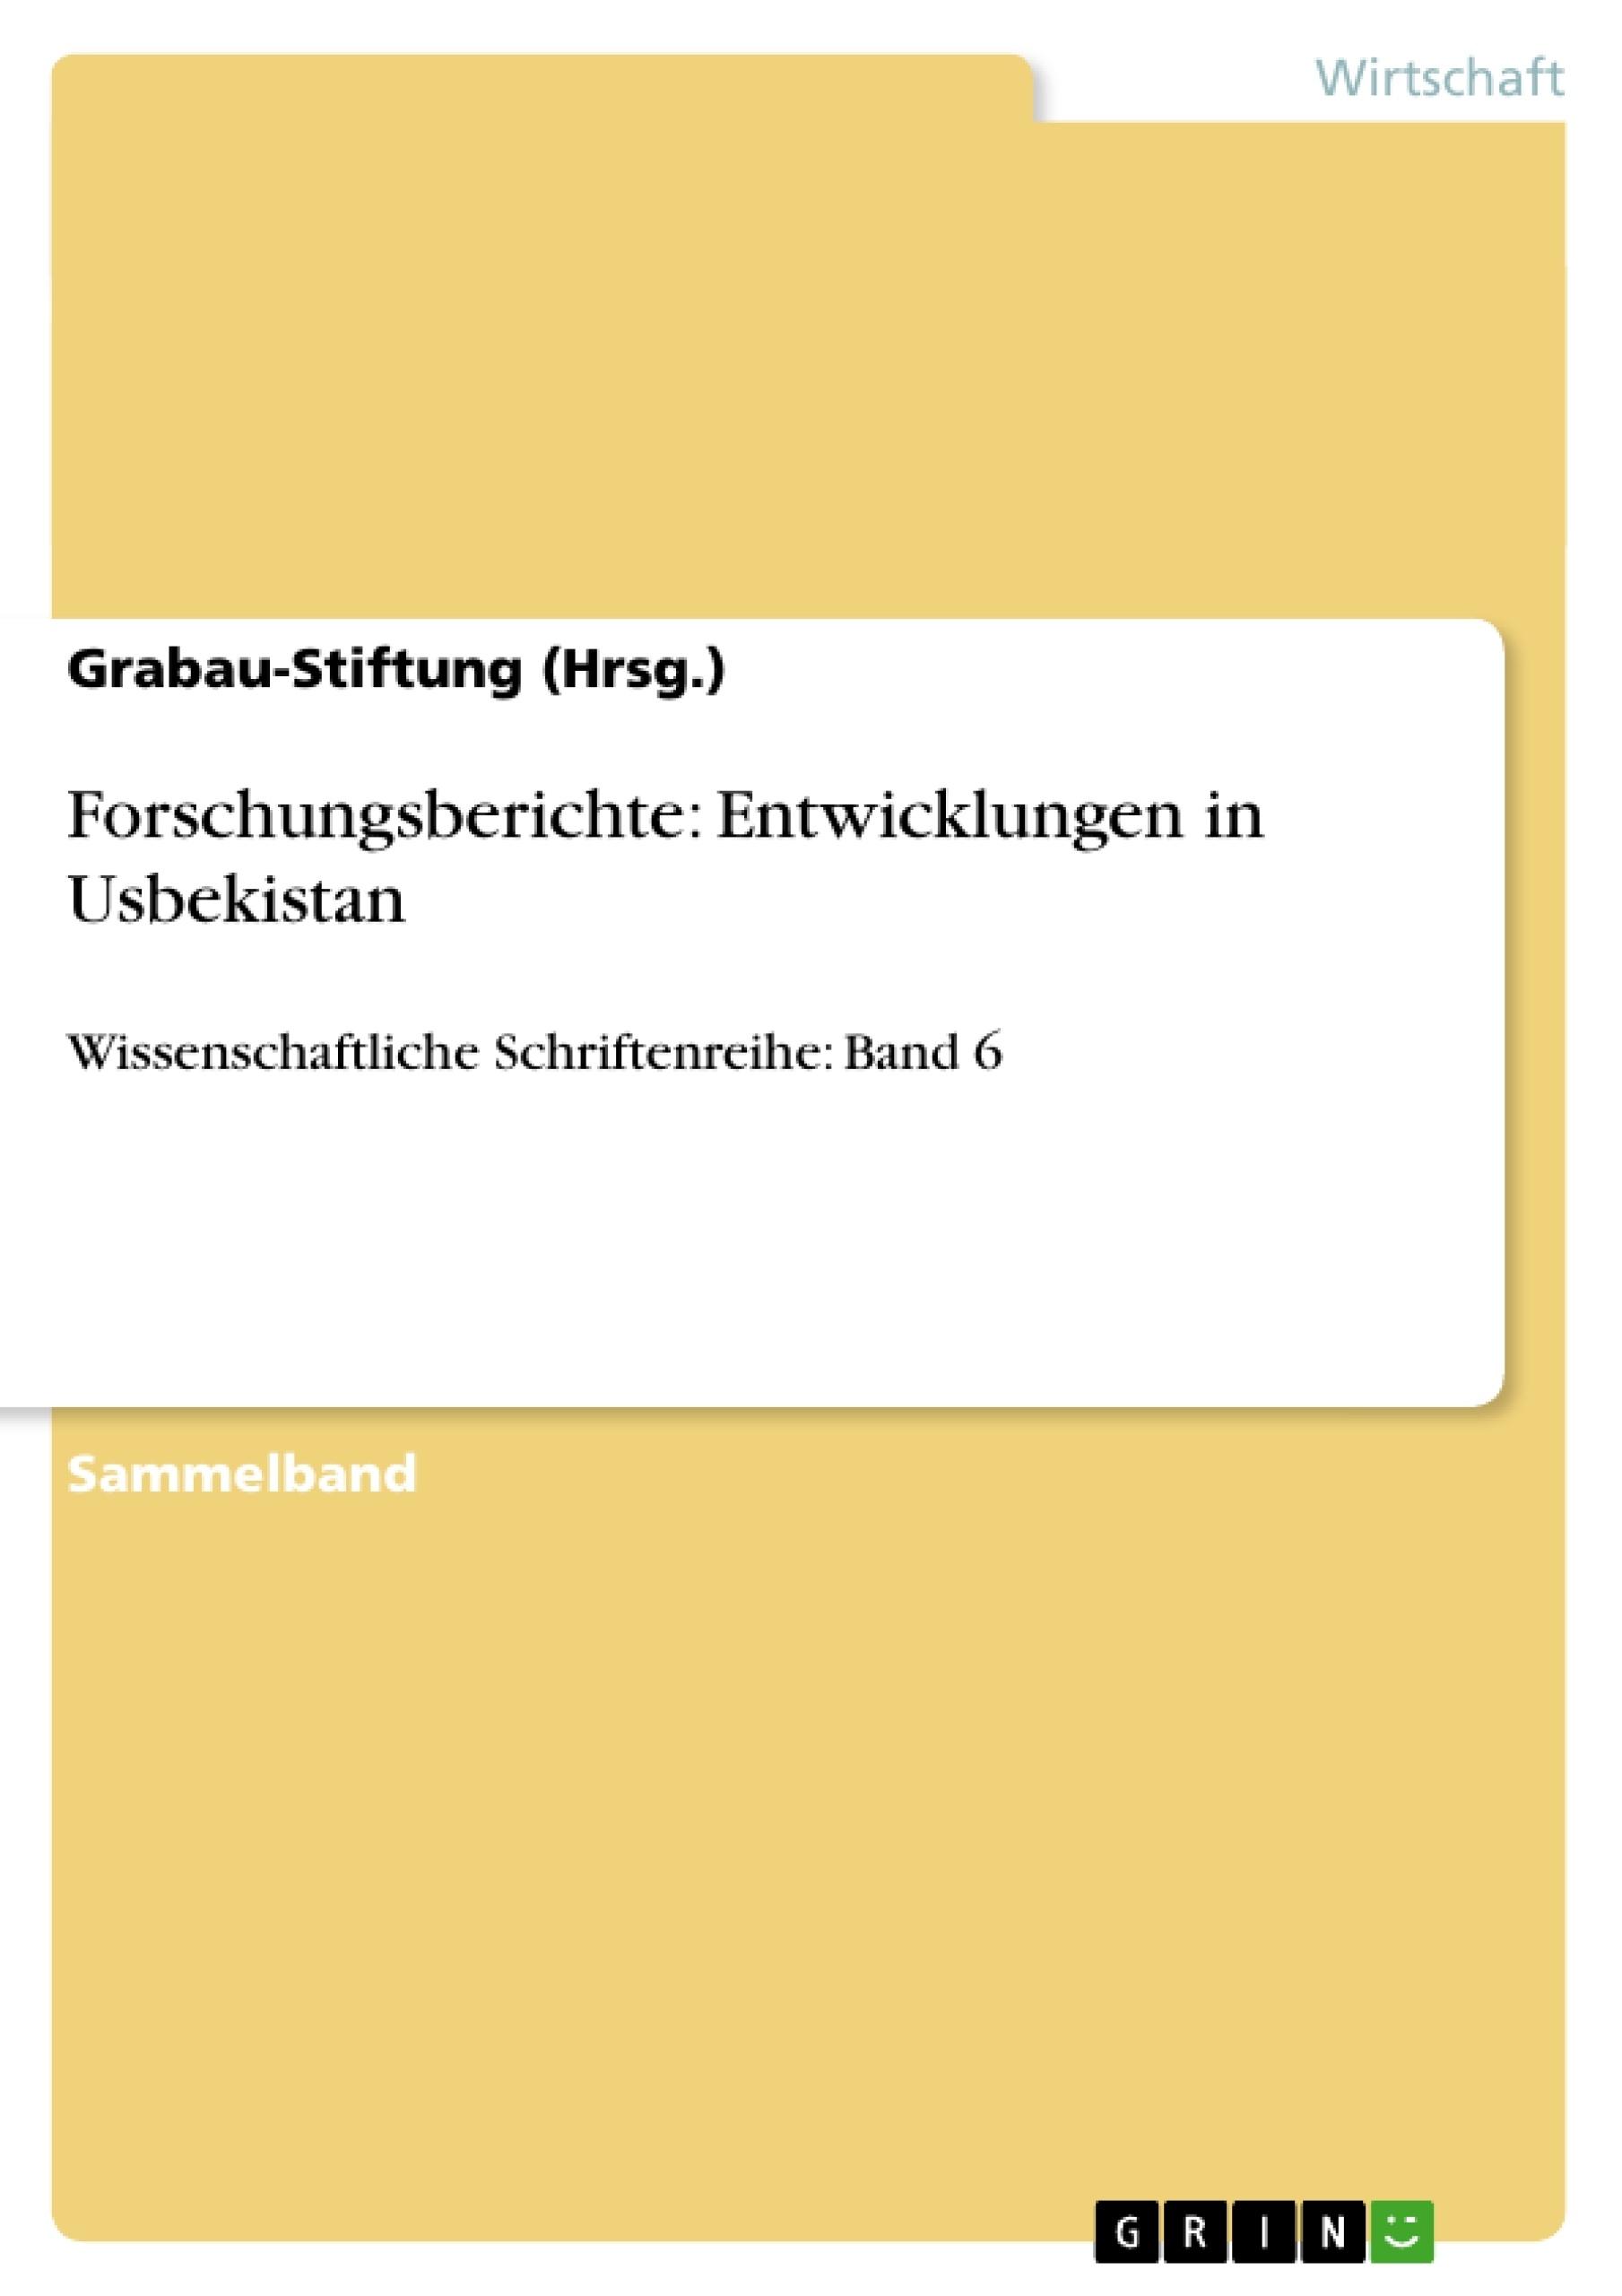 Forschungsberichte: Entwicklungen in Usbekistan | Masterarbeit ...